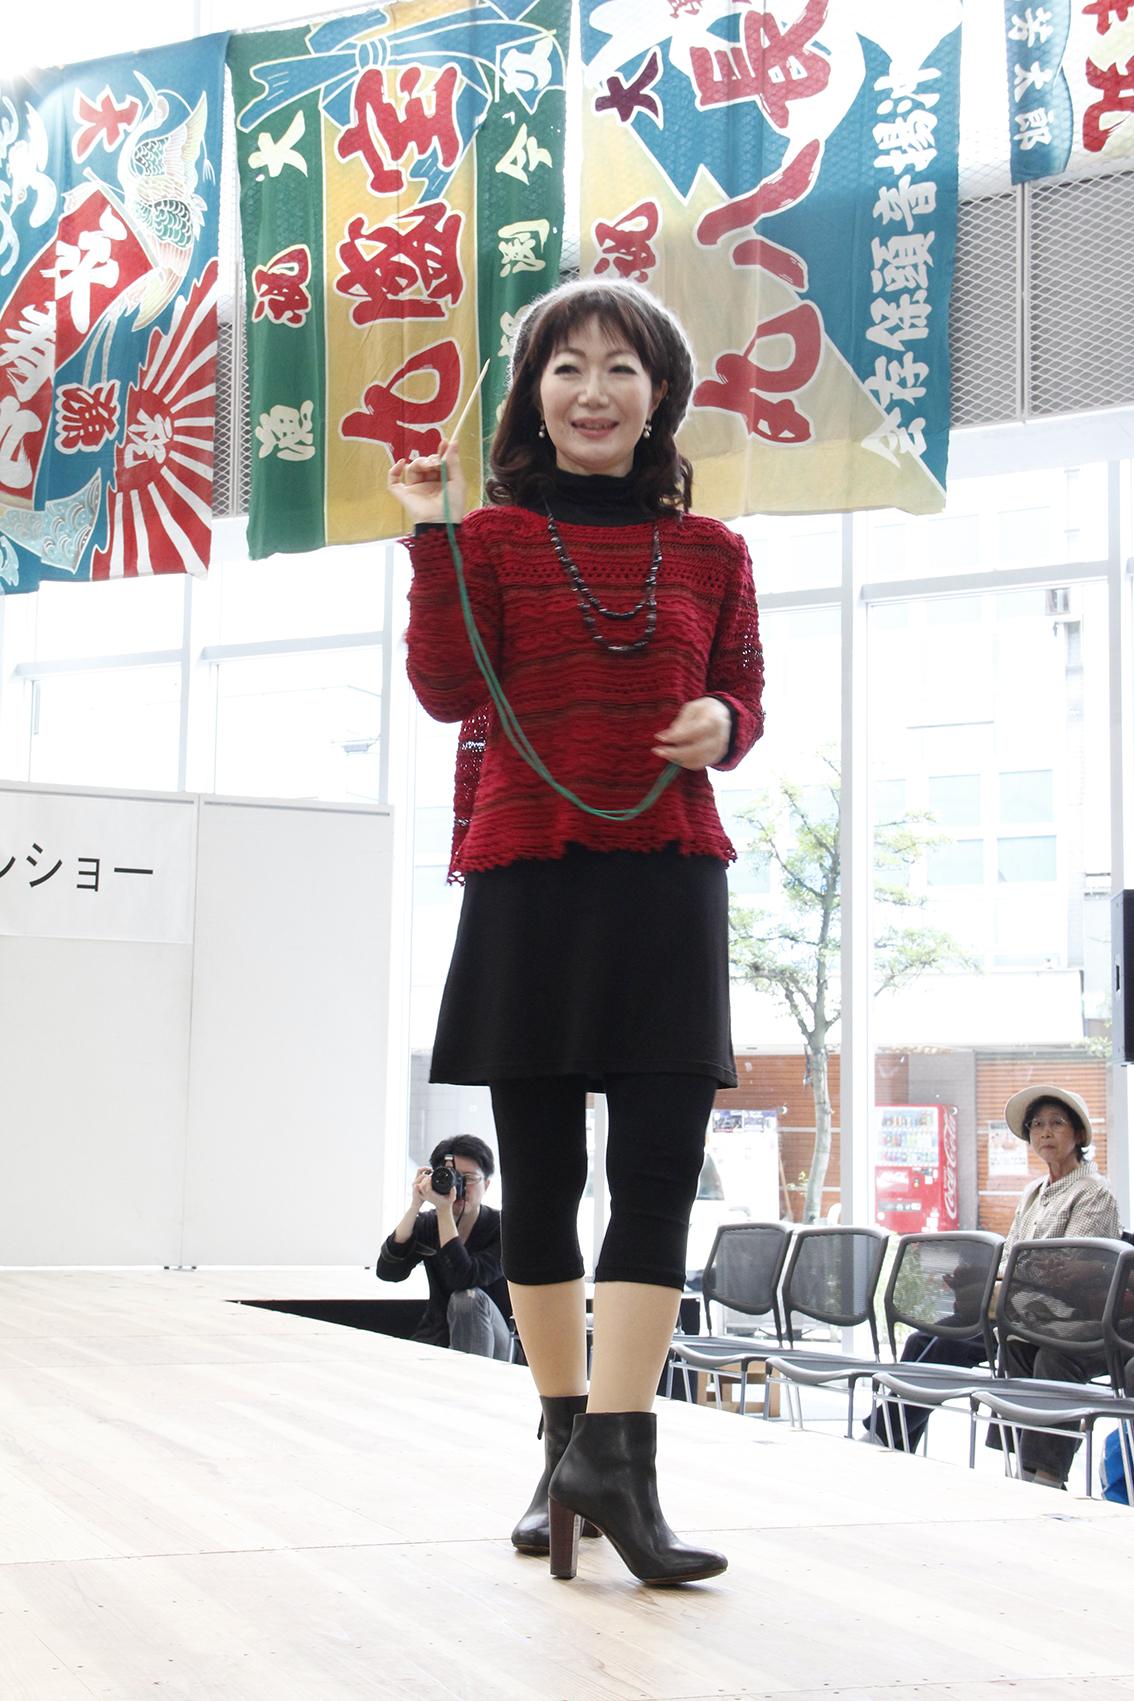 http://hacchi.jp/blog/upload/images/20131005_2_4.jpg